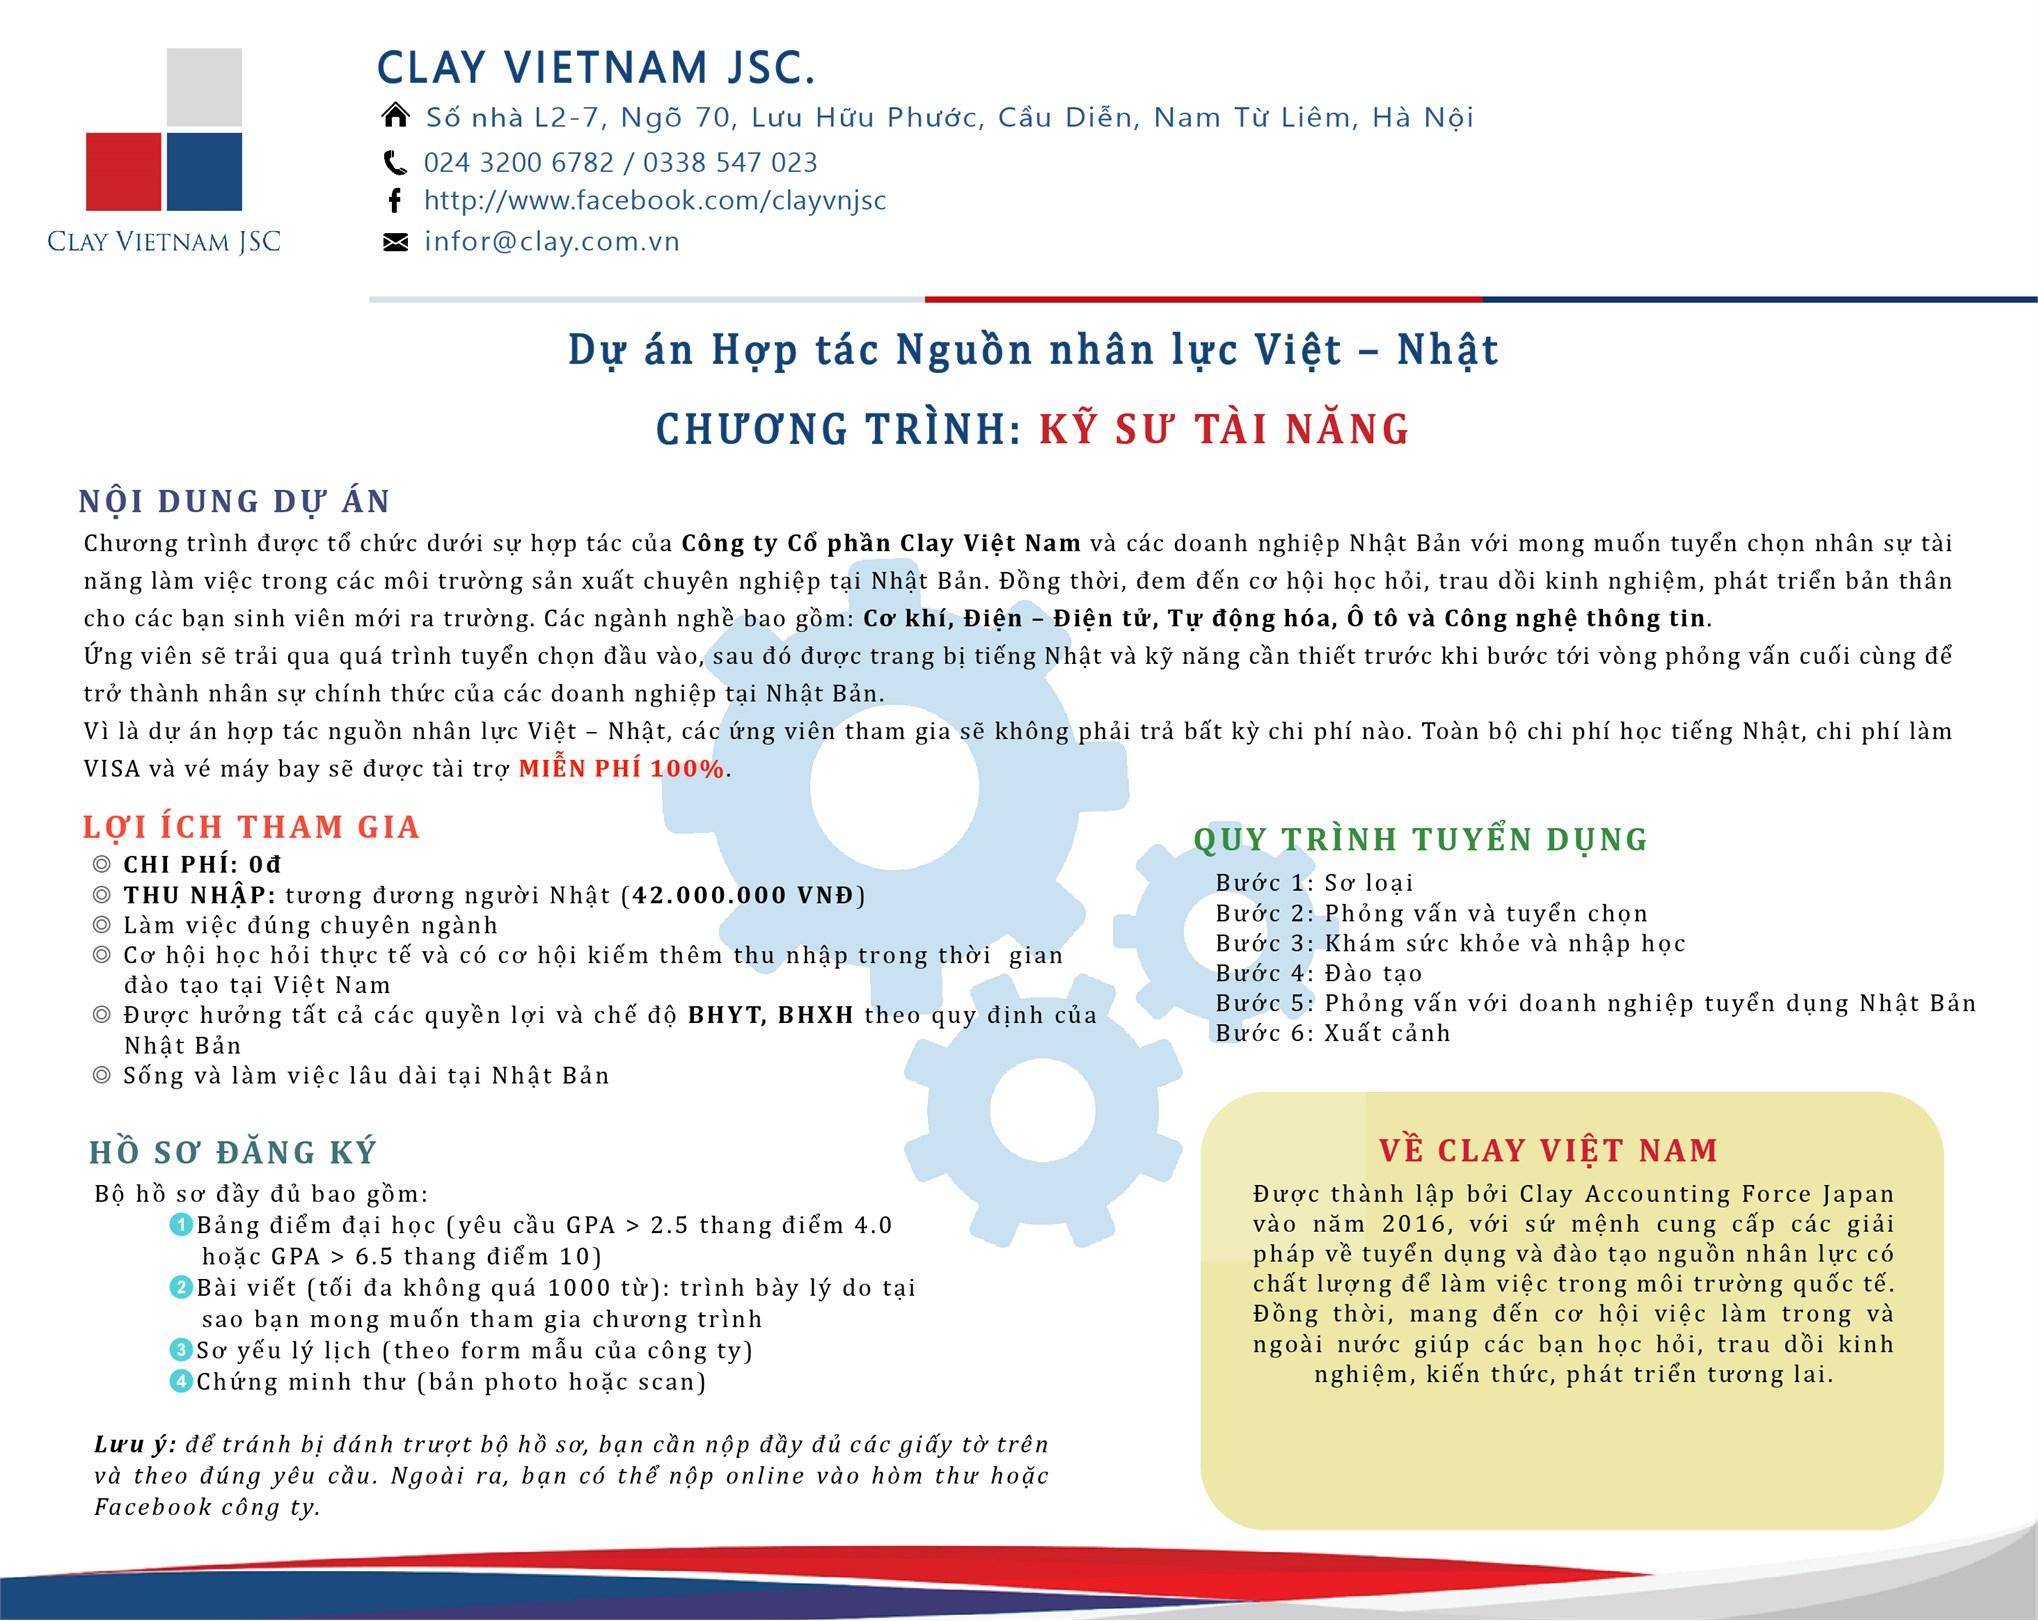 Chương trình tuyển sinh đào tạo kỹ sư tài năng làm việc tại Nhật Bản của Công ty CP Clay Việt Nam